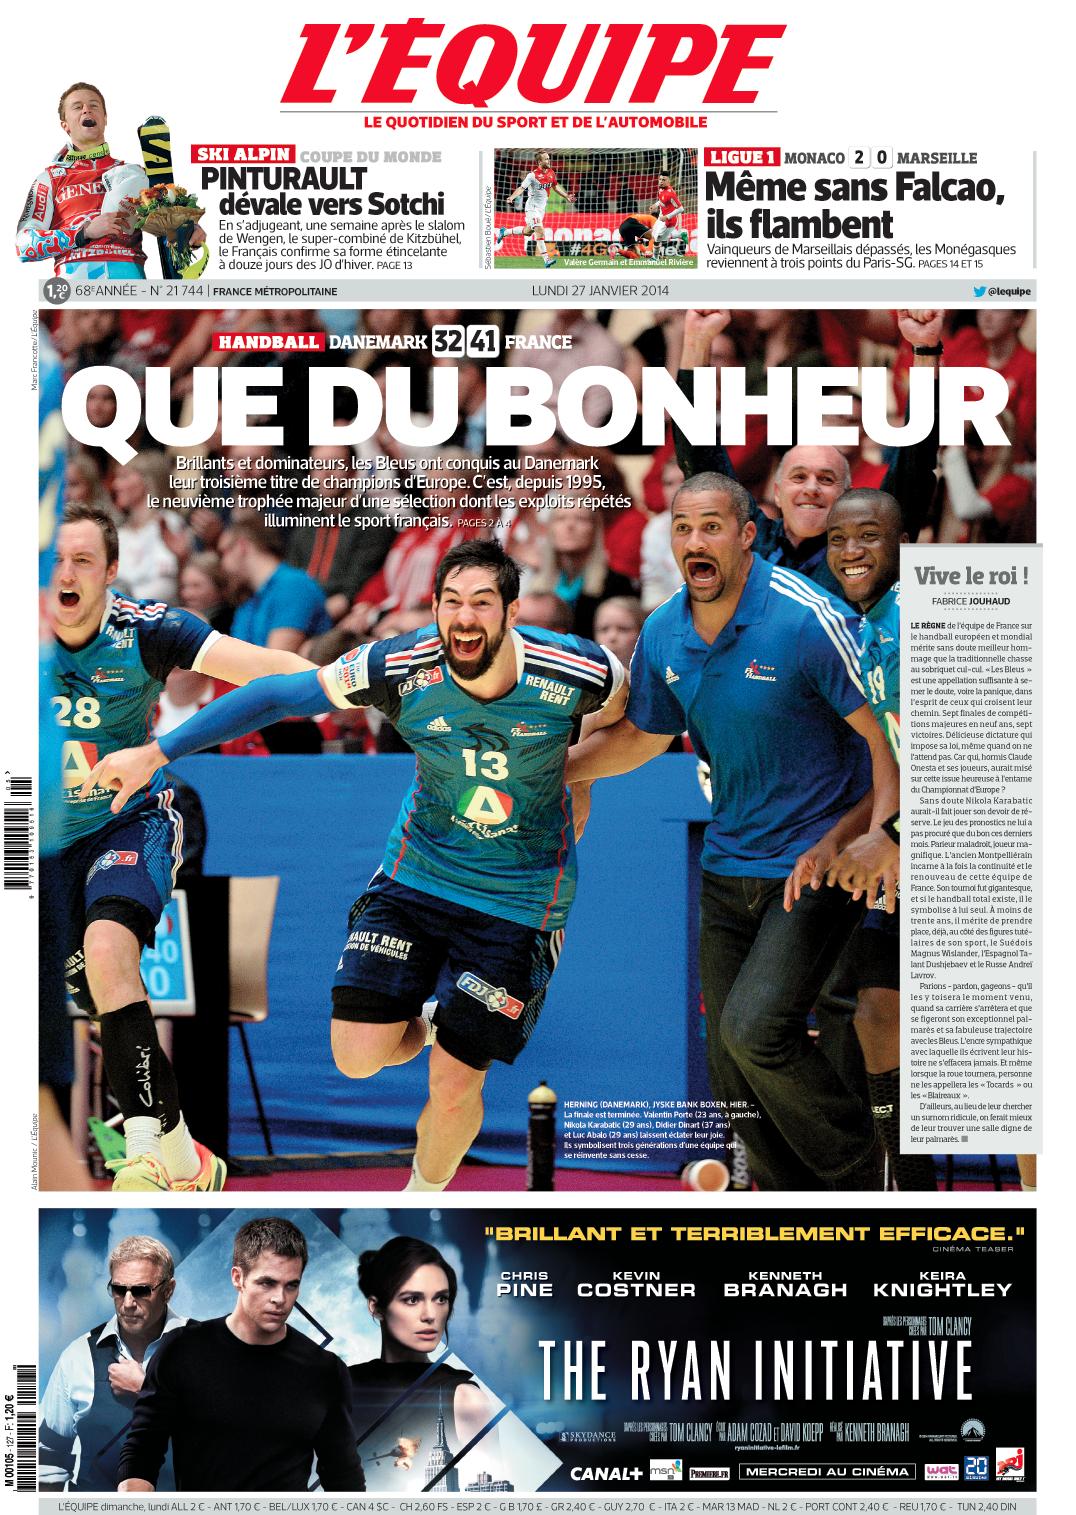 La Une qui célèbre la victoire des Bleus à l'Euro de handball : QUE DU BONHEUR ! http://t.co/so9I1AOtpZ